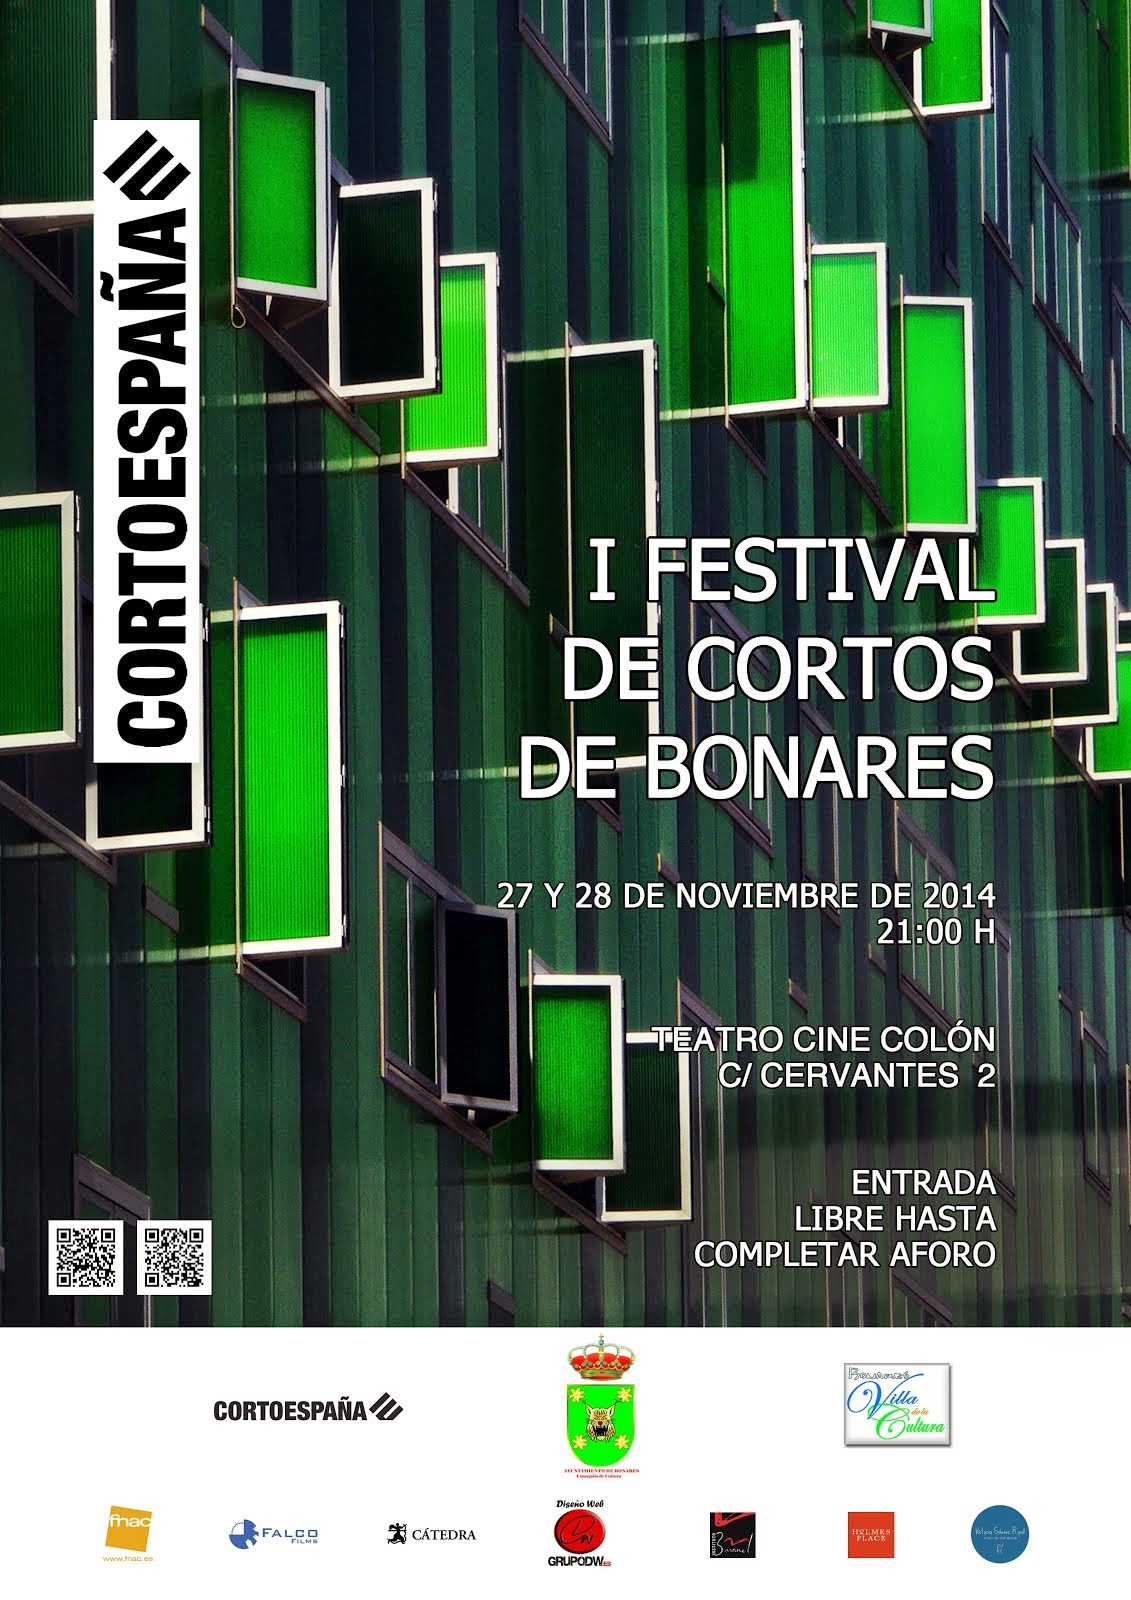 I FESTIVAL DE CORTOS DE BONARES